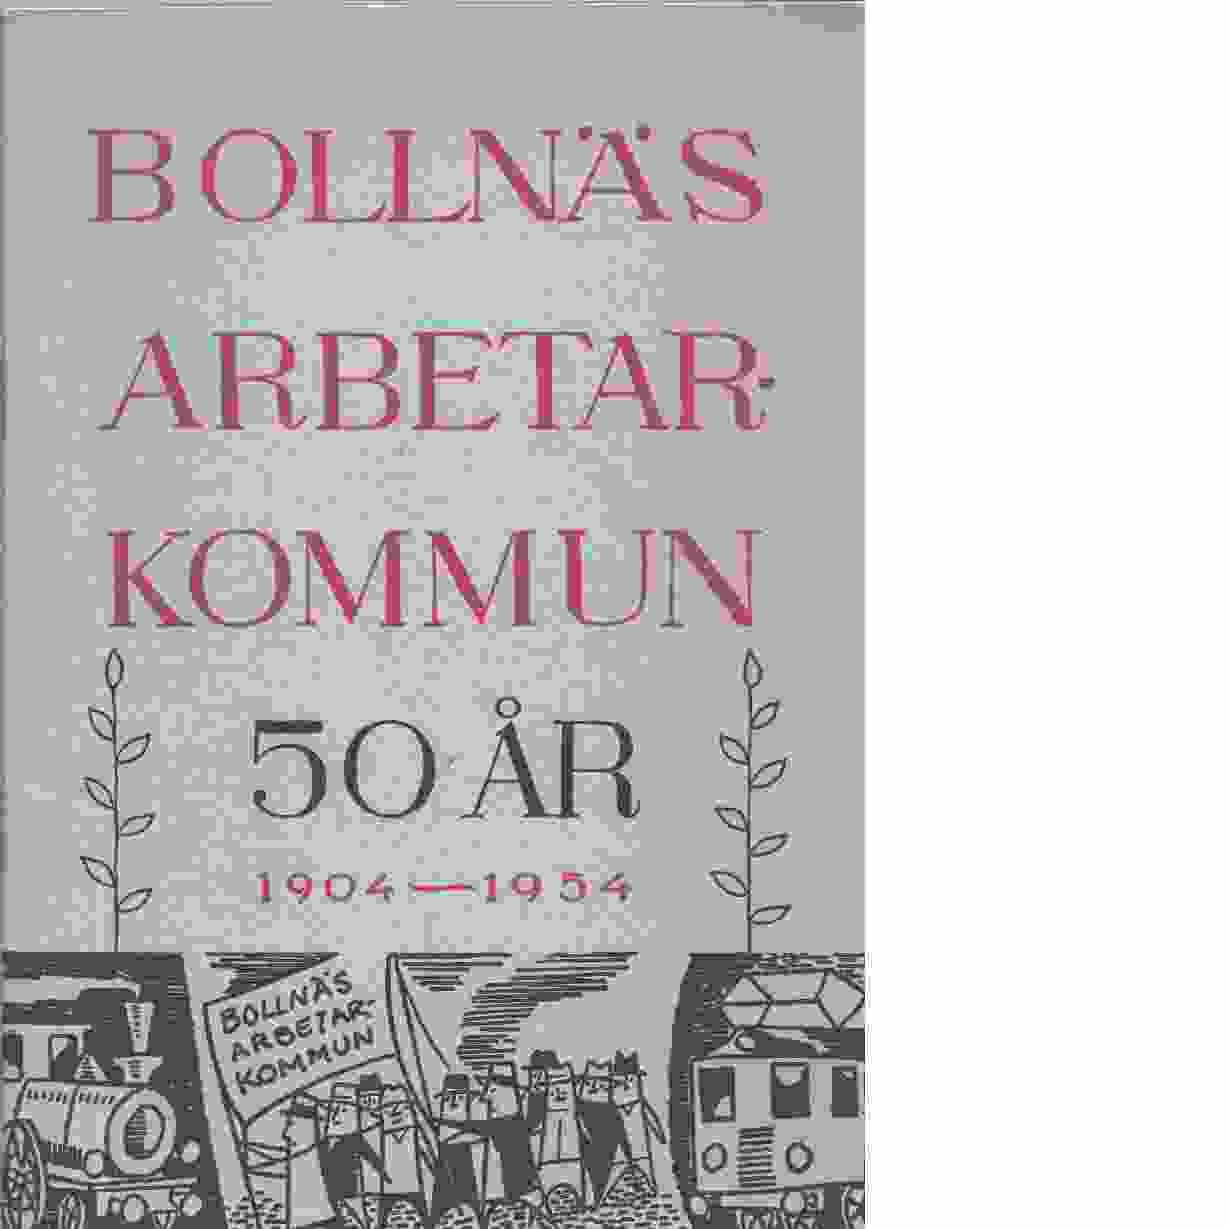 Bollnäs arbetarkommuns historia 1904-1954. - Sandberg, David